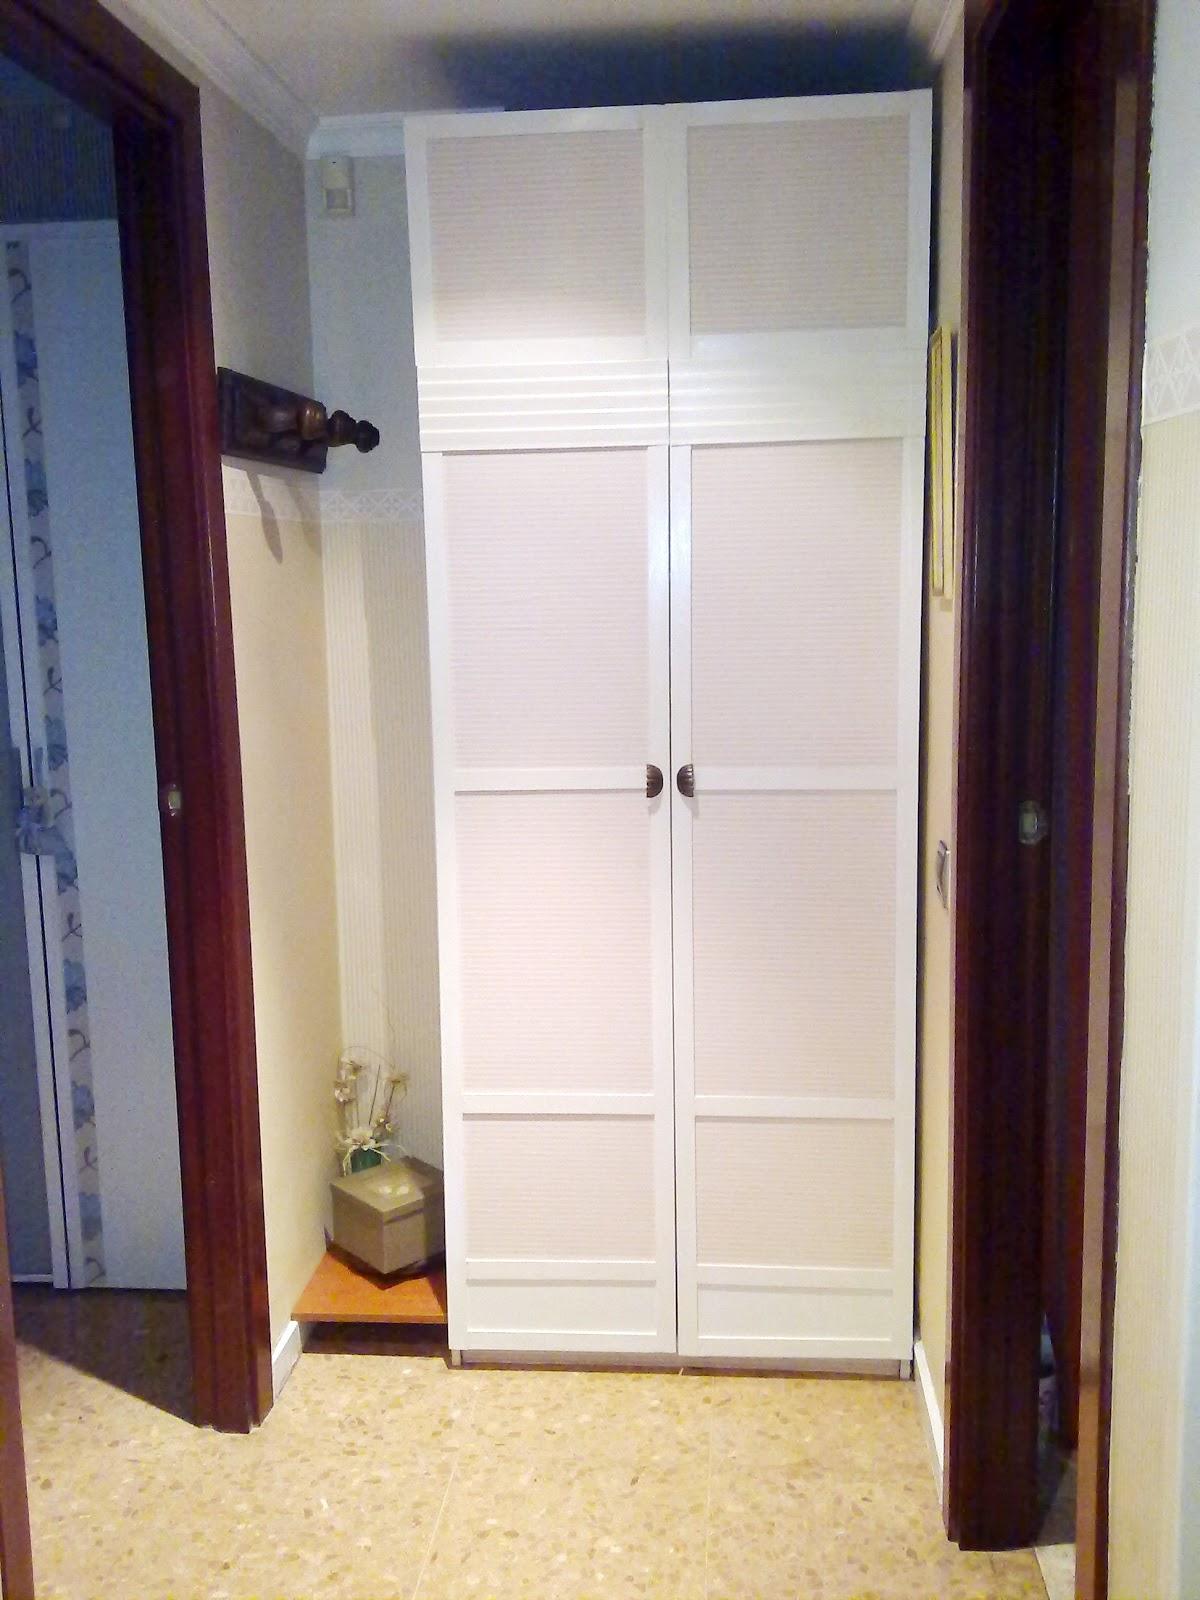 Decora tu vida diy cambio de decoraci n el recibidor - Armario escobero cocina ...